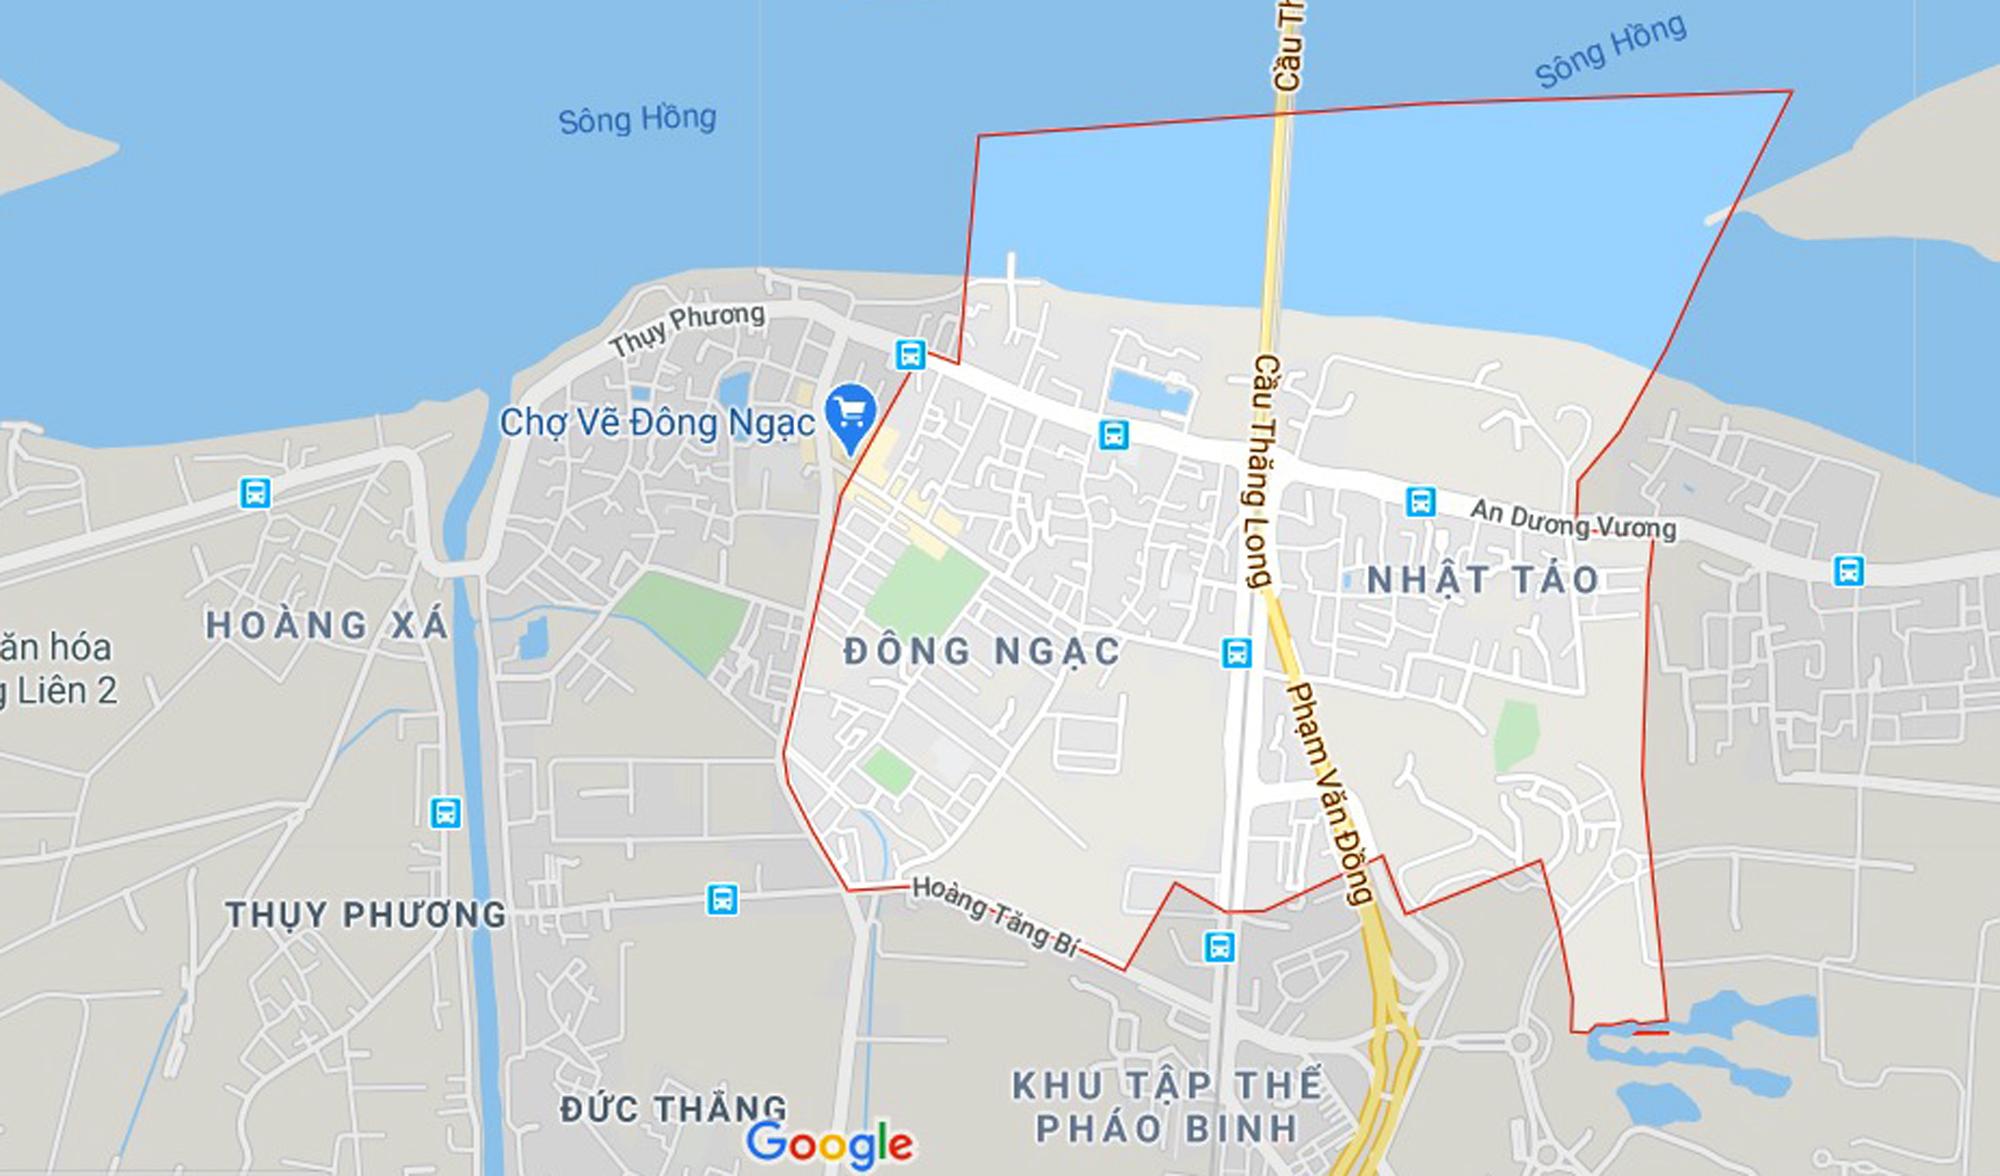 4 đường sẽ mở theo qui hoạch ở phường Đông Ngạc, Bắc Từ Liêm - Ảnh 1.